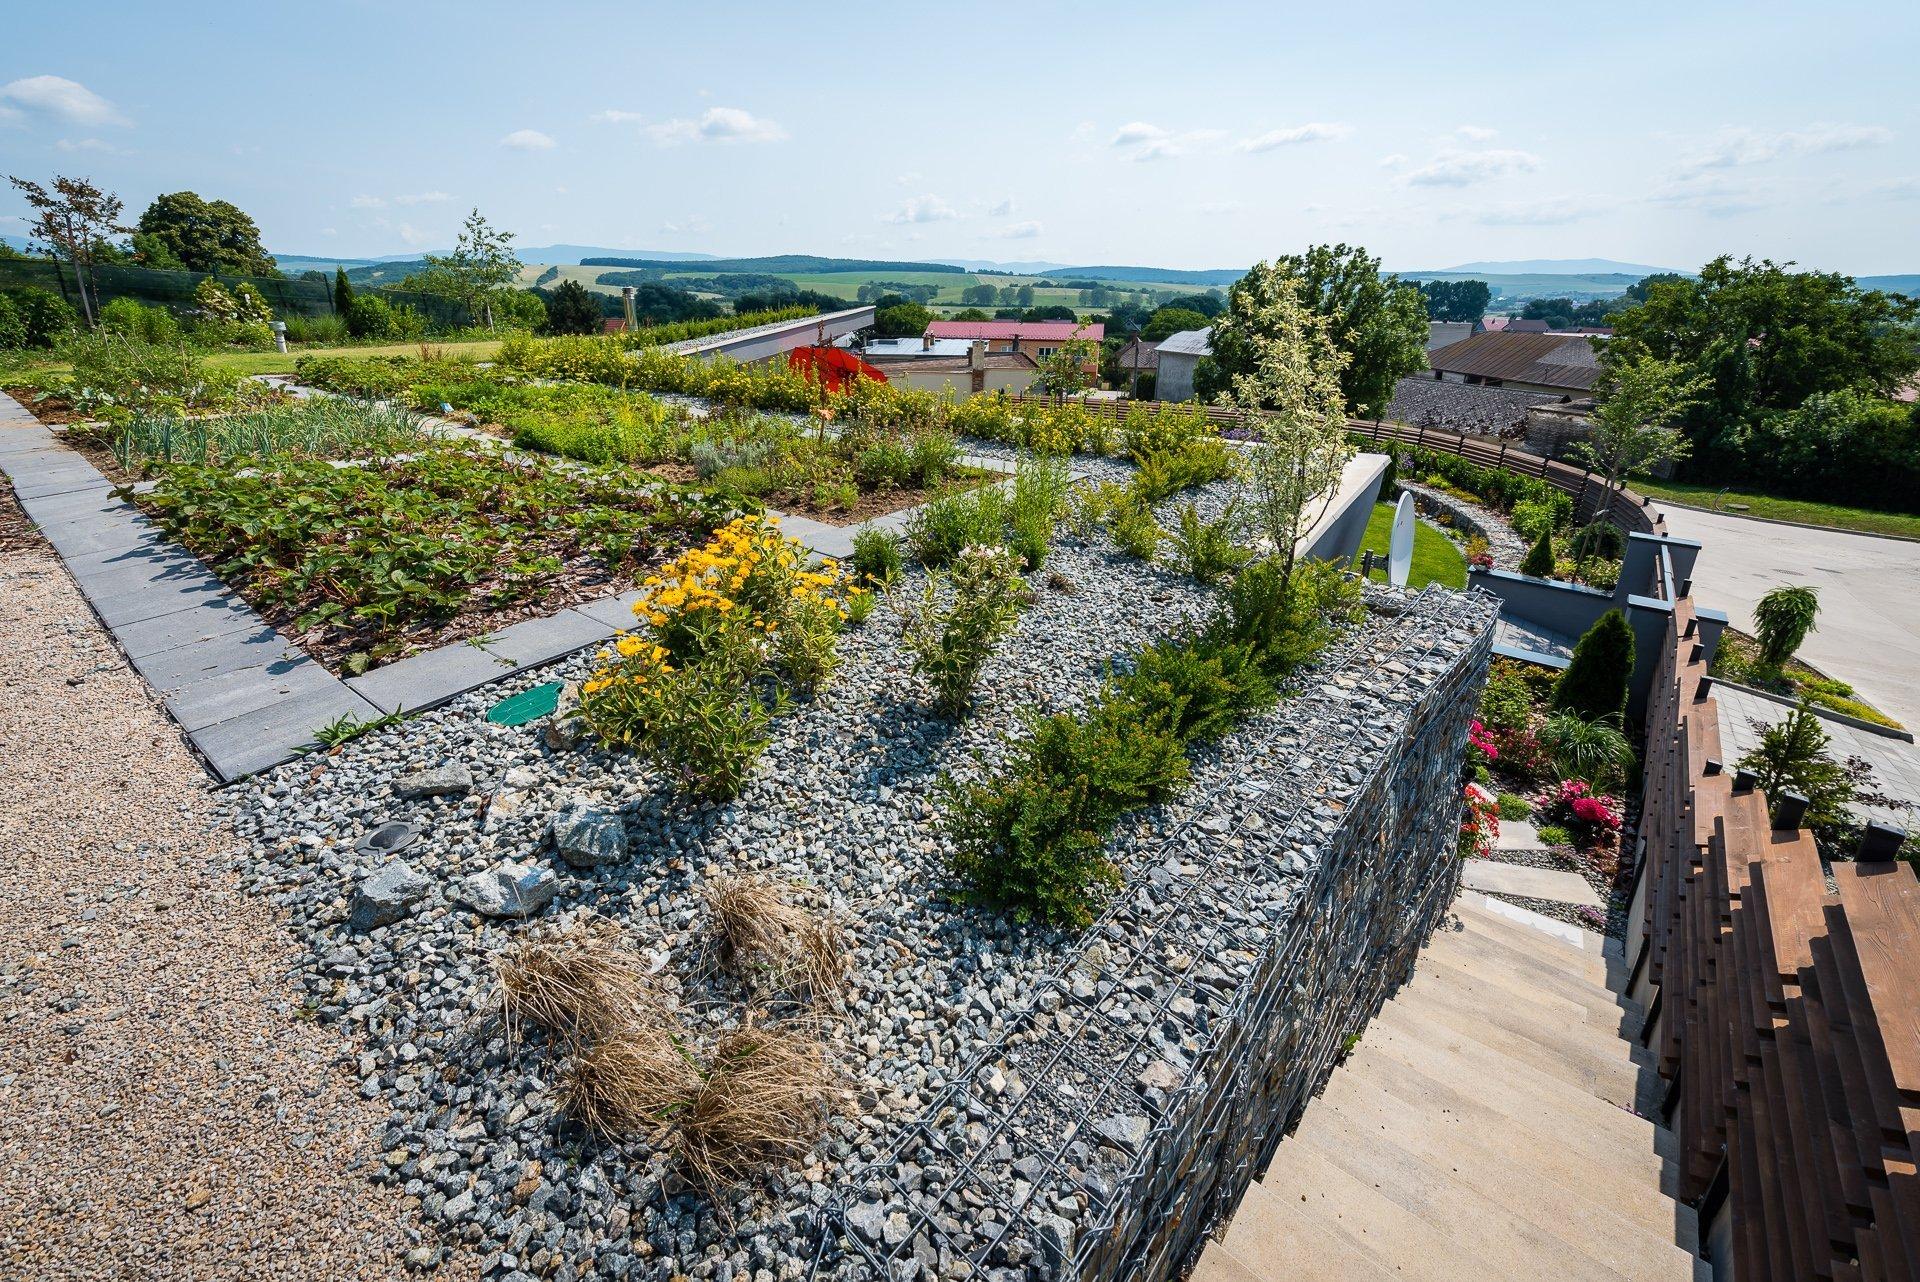 Střecha krtkodomu poskytuje 1/3 – 1/4 plochy pozemku v městské zástavbě na pěstování. Kromě jahod se potešíte I hrachu nebo rajčatúm. Dalším rokem se chystá majitel rozšířit zahradu na střeše. Ješte mu chybí paprika.